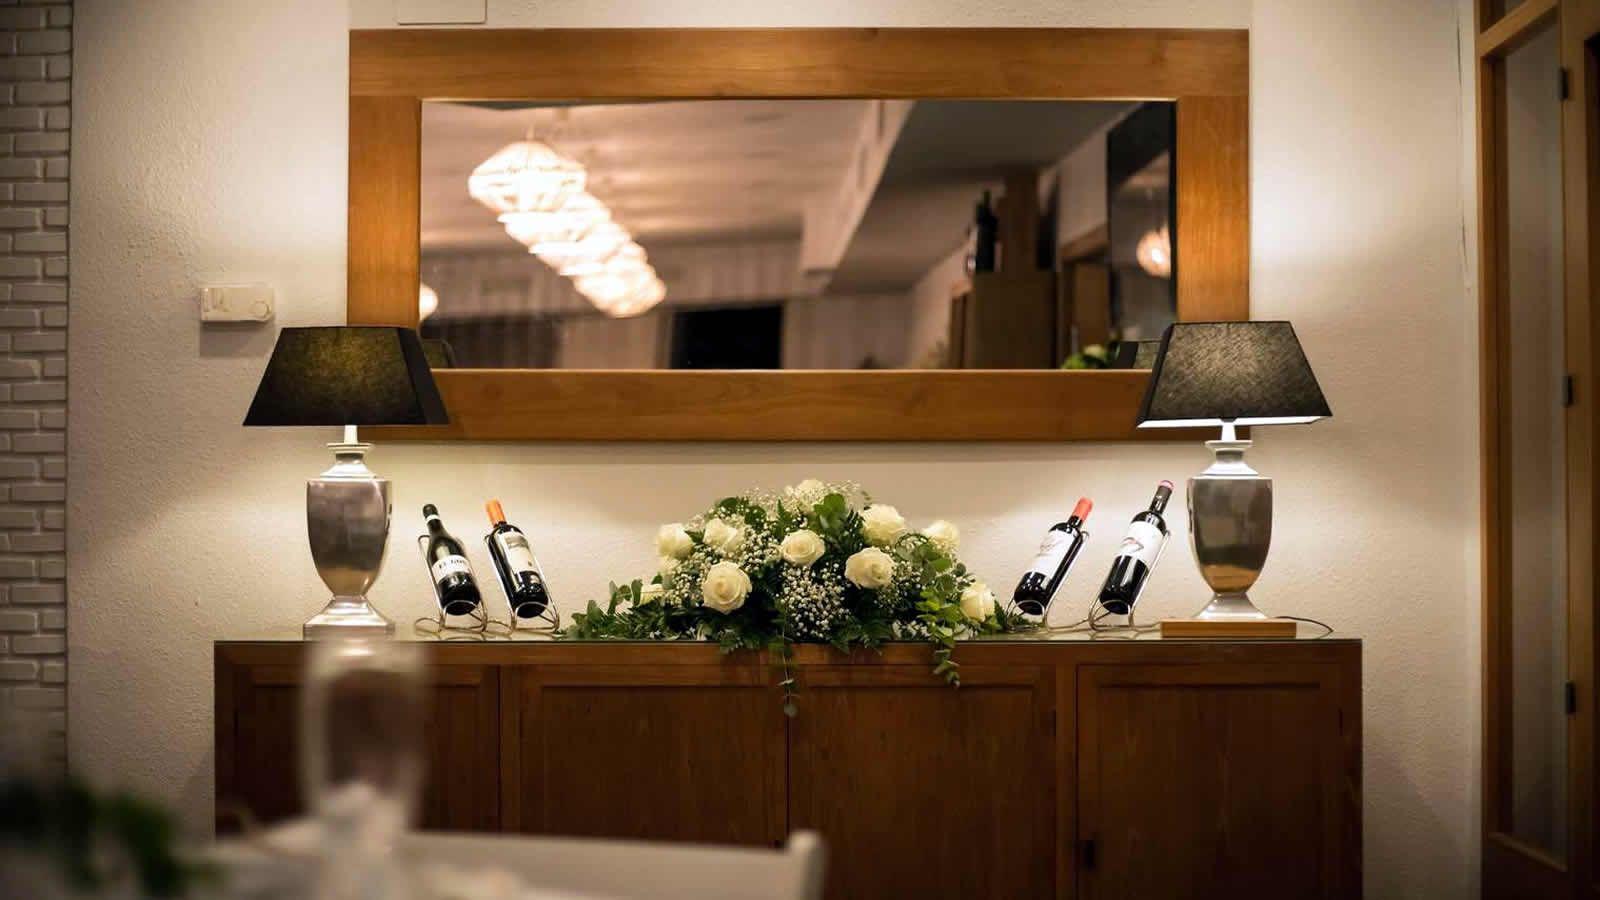 Anniversary celebrations, weddings, christenings... at the Carlos III Hotel in Alcanar - San Carlos de la Rapita - the Ebro Delta